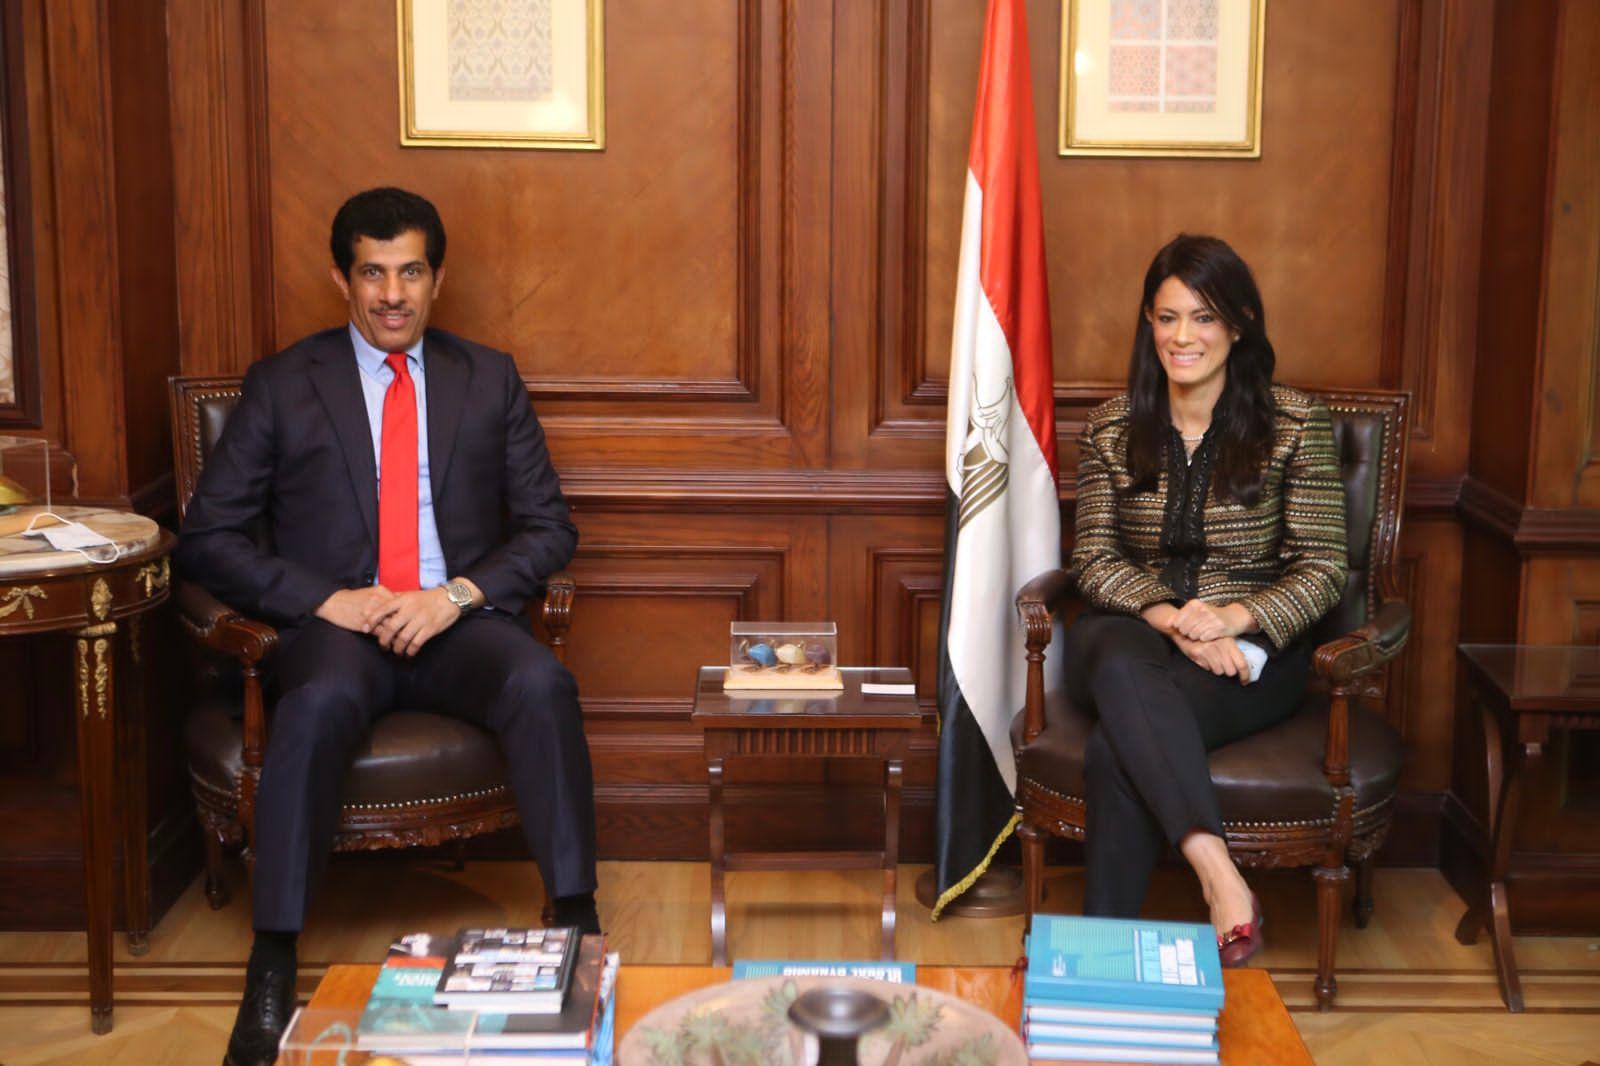 وزيرة التعاون الدولي المصرية تجتمع مع سفير دولة قطر